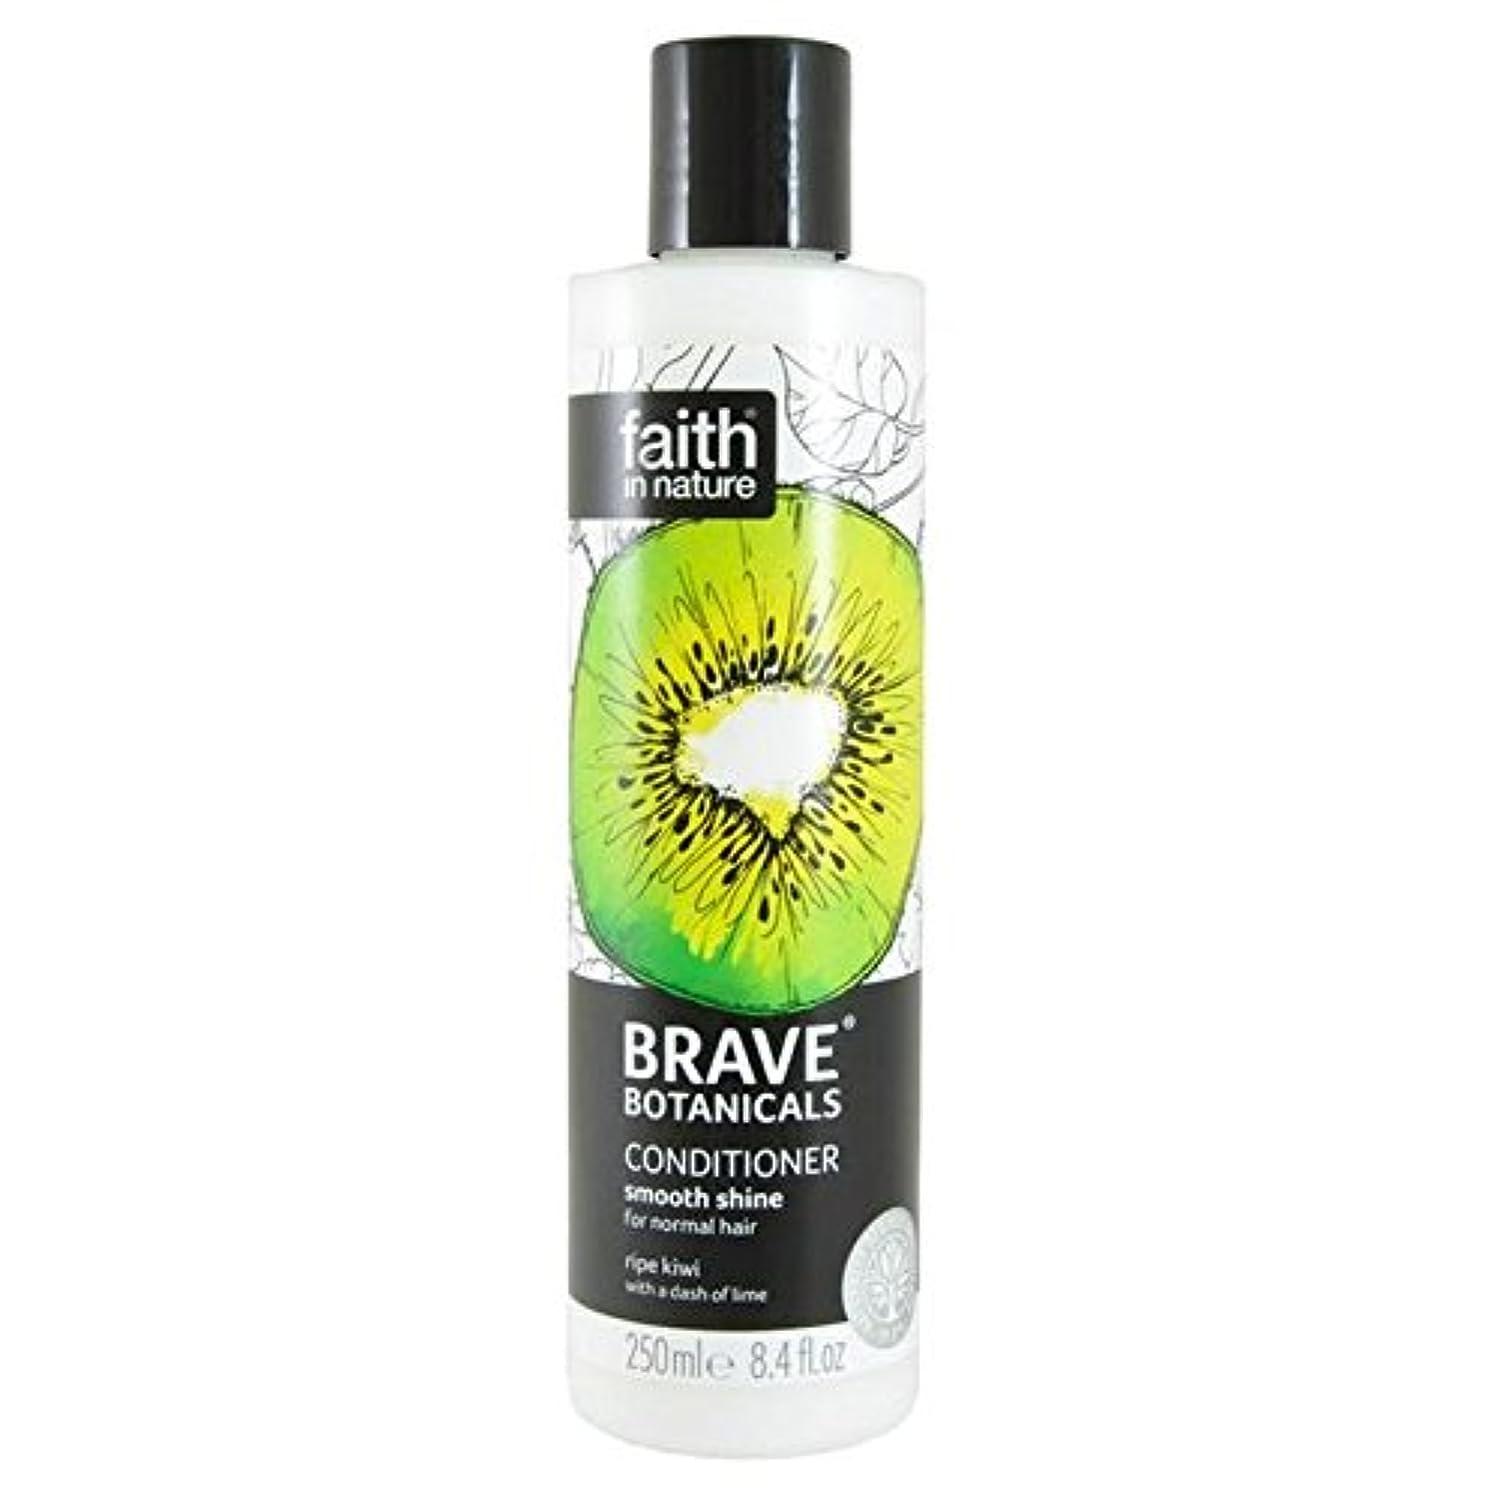 休憩する苦味霜Brave Botanicals Kiwi & Lime Smooth Shine Conditioner 250ml (Pack of 2) - (Faith In Nature) 勇敢な植物キウイ&ライムなめらかな輝...